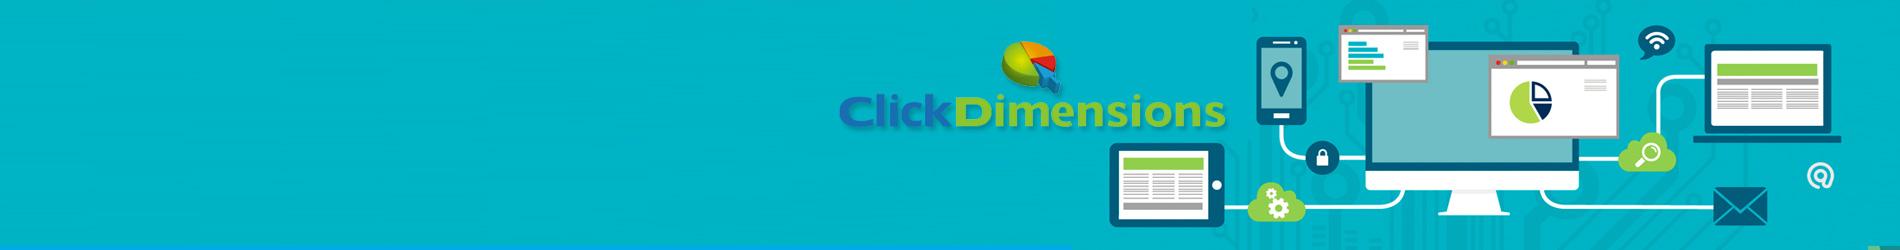 clicksimensions automatización de marketing